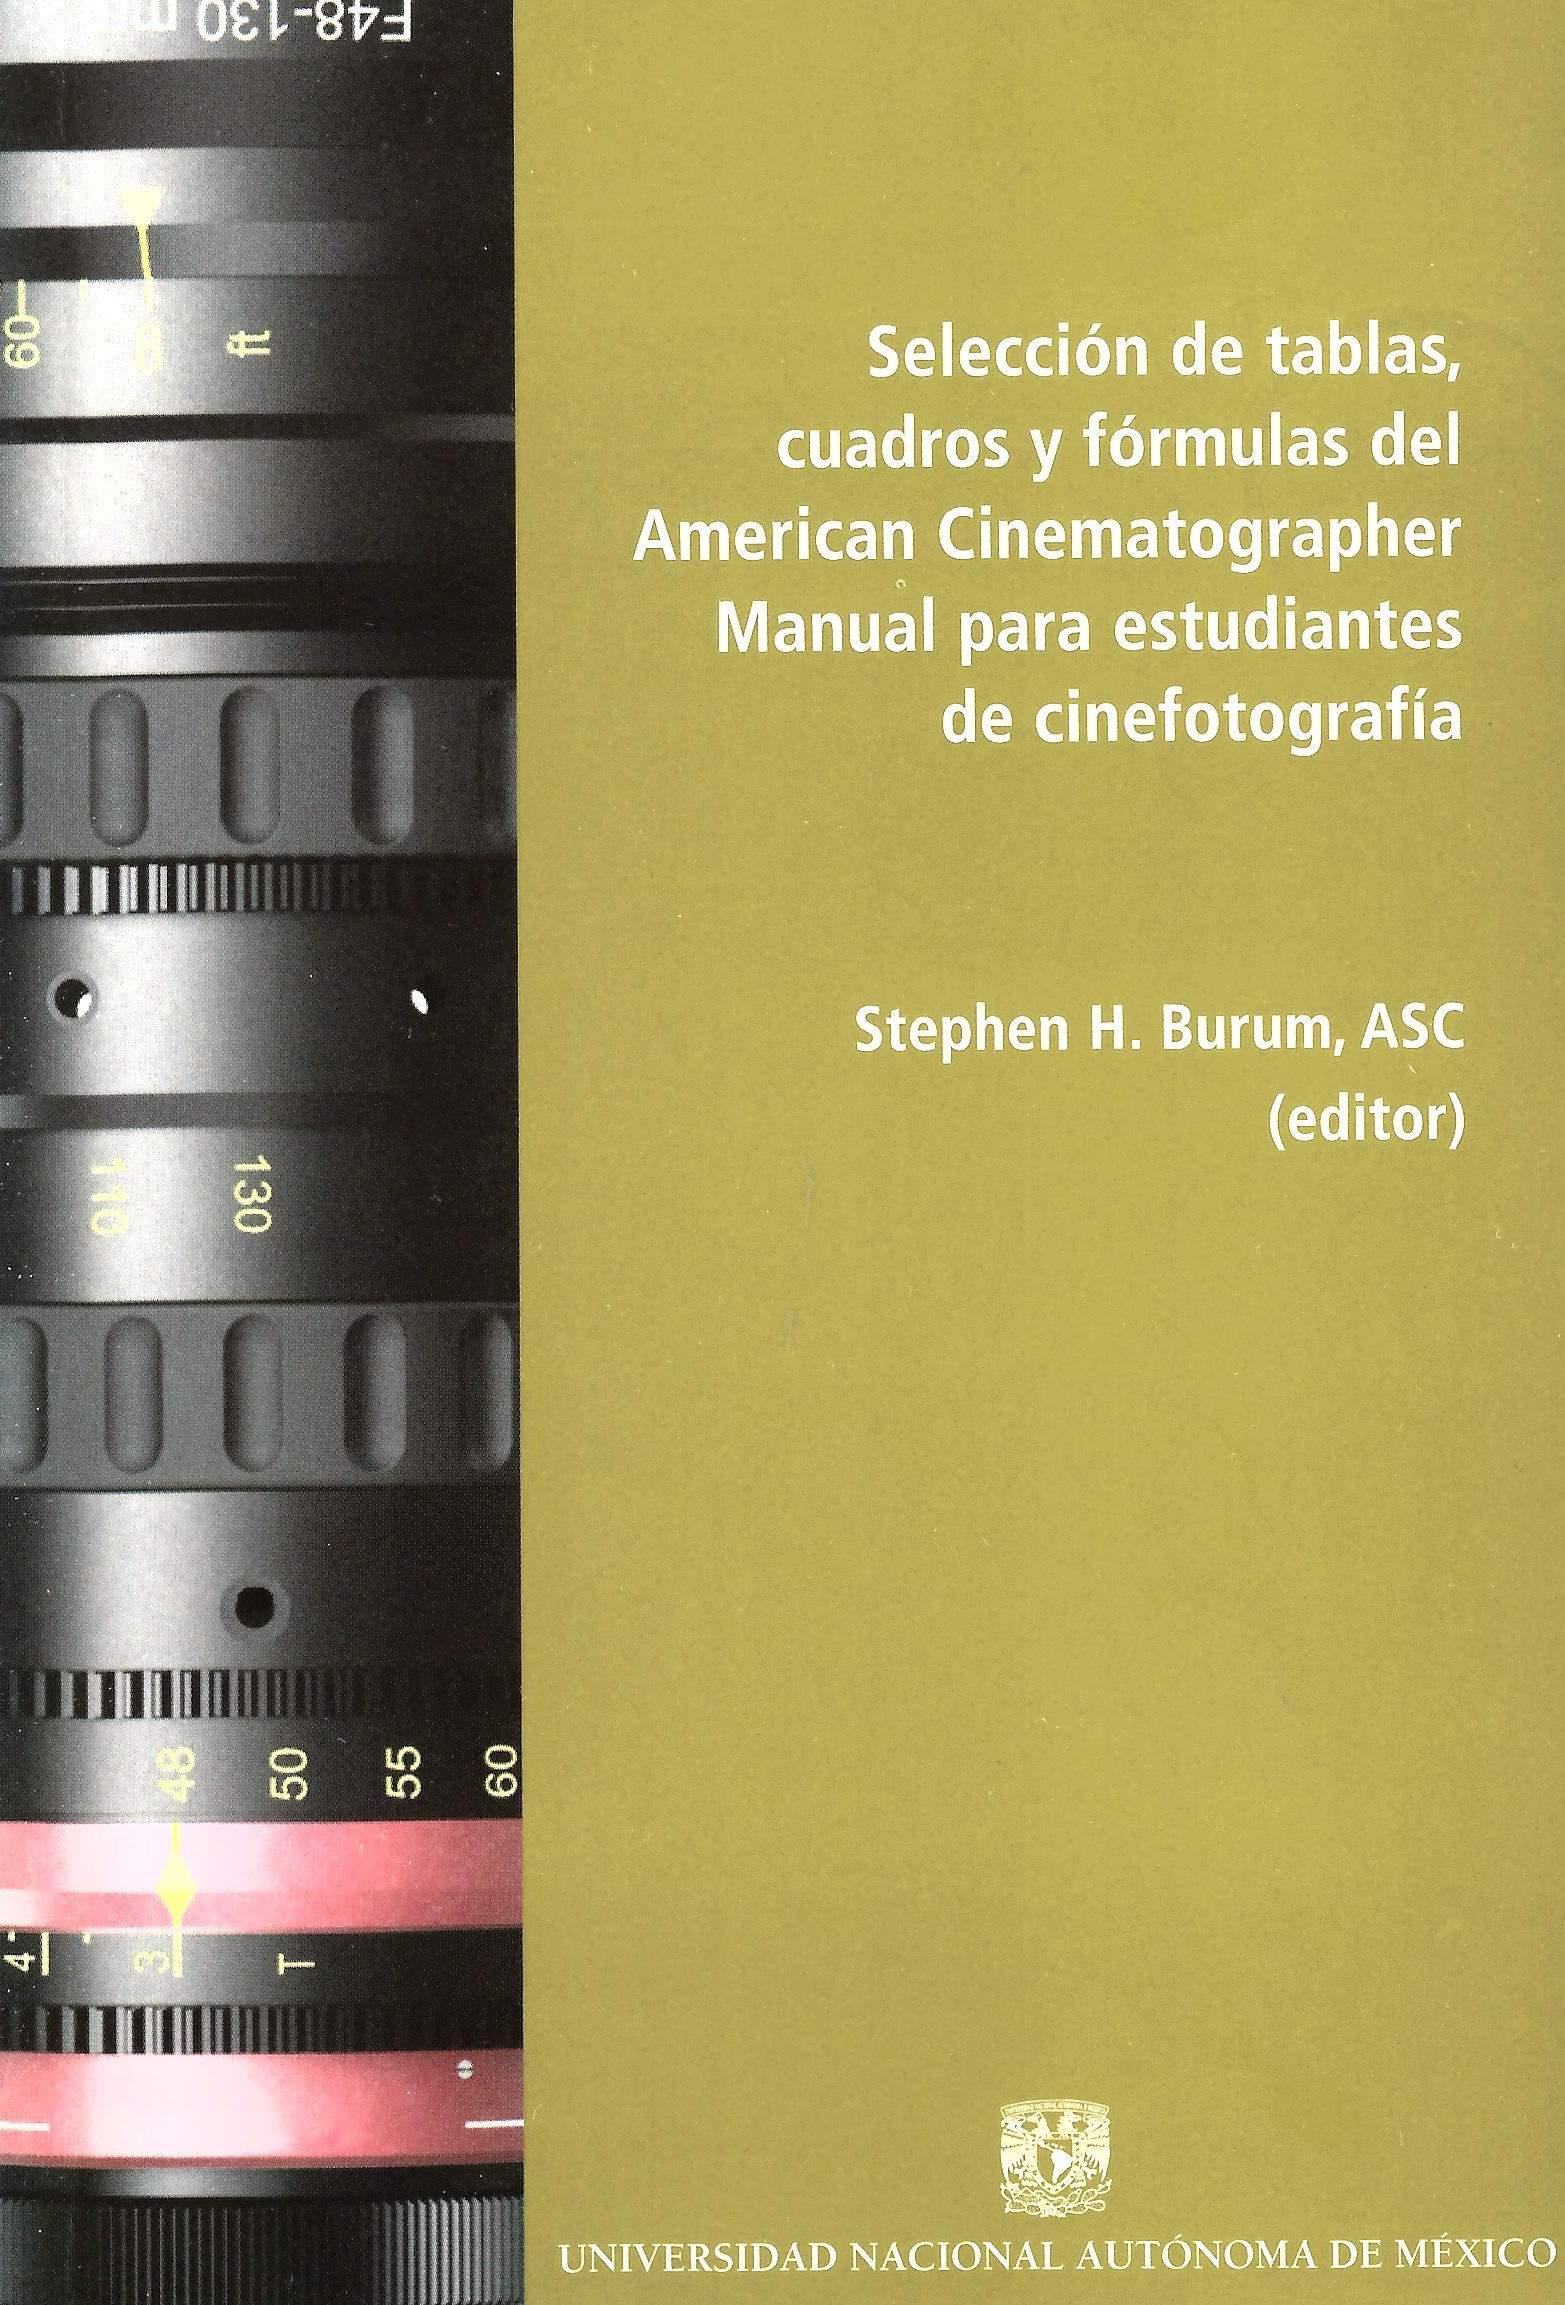 Selección de tablas, cuadros y fórmulas del American Cinematographer Manual para estudiantes de cinefotografía